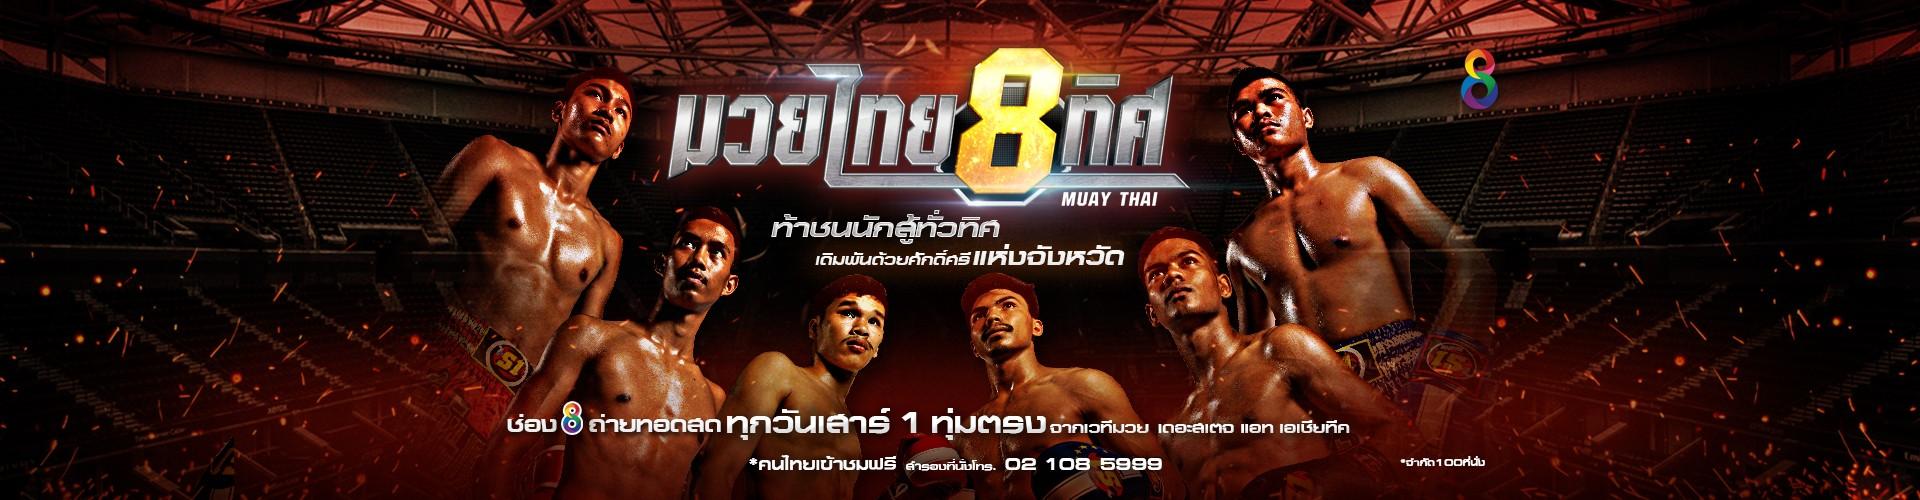 มวยไทย 8 ทิศ